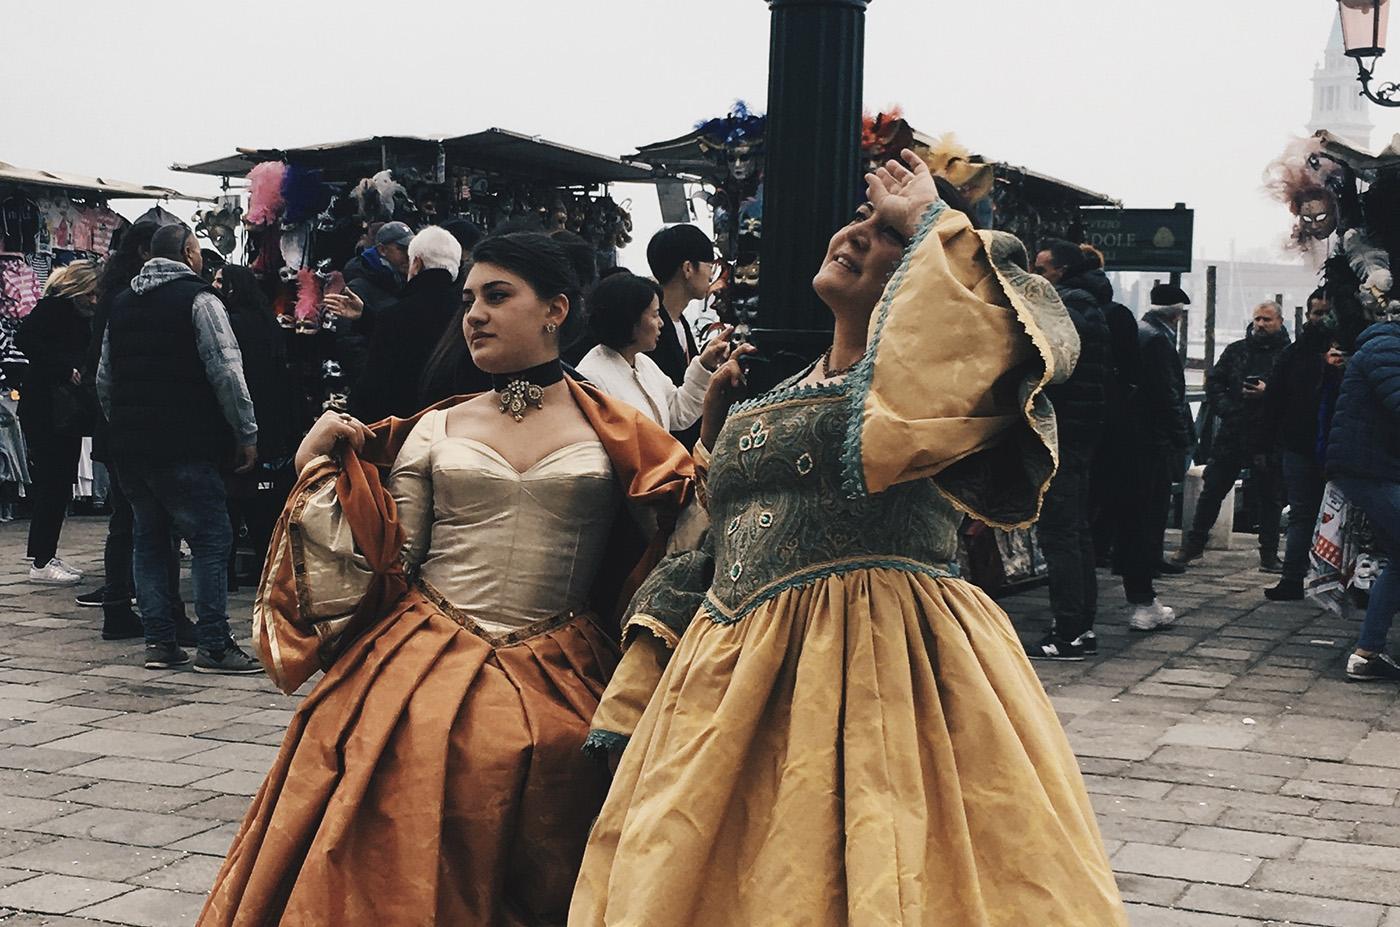 Венецианский карнавал во время эпидемии коронавируса: личный опыт